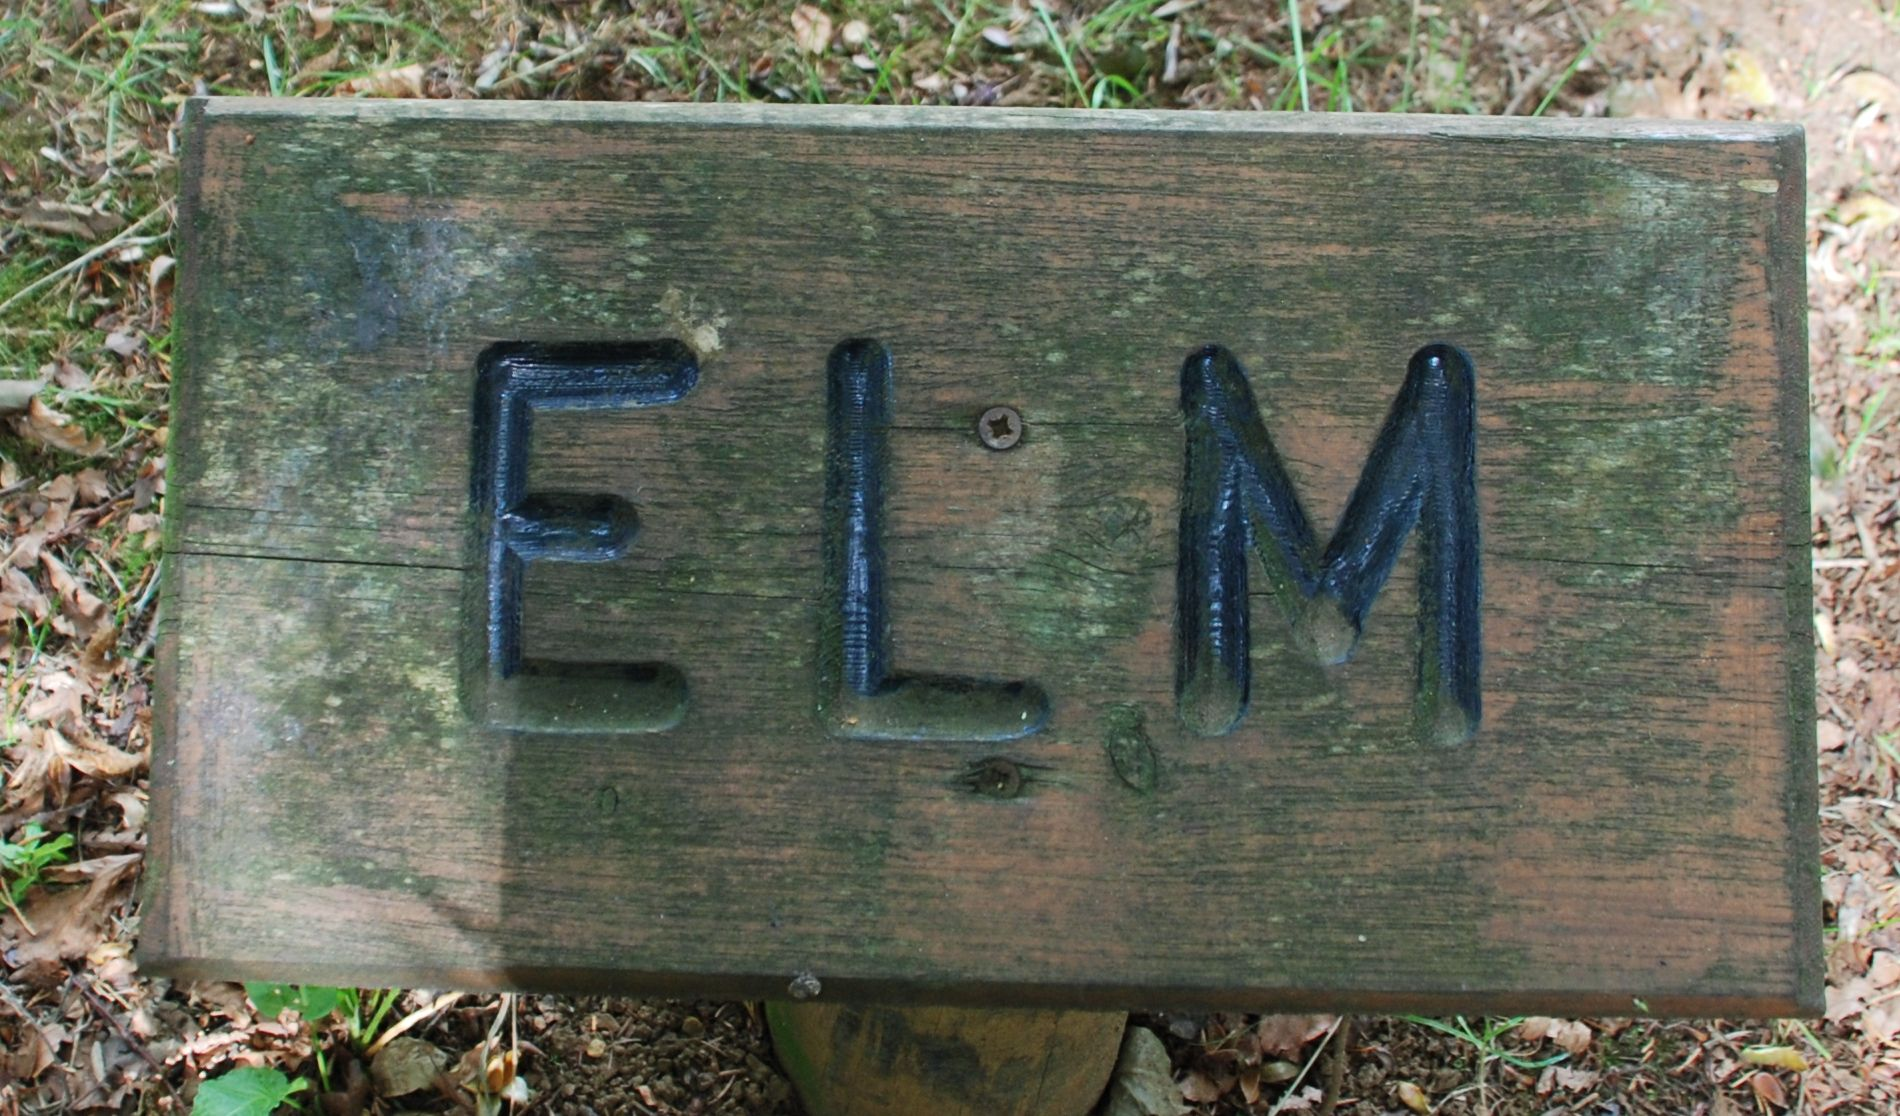 Elm campsite sign